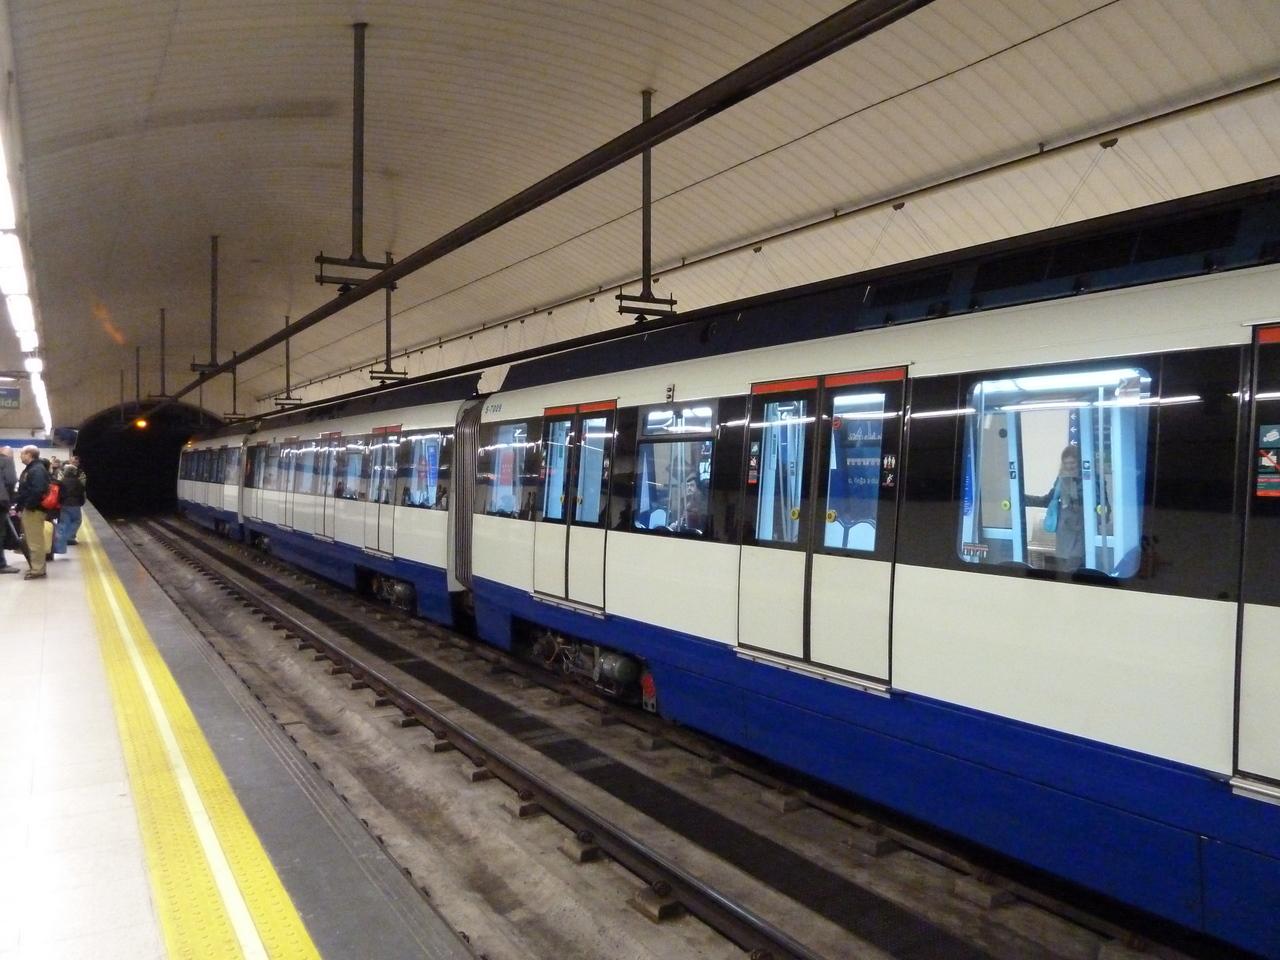 Tren de la serie 7000 del metro de Madrid, similar al del descarrilamiento, en la estación de Nuevos Ministerios. Foto: galio.